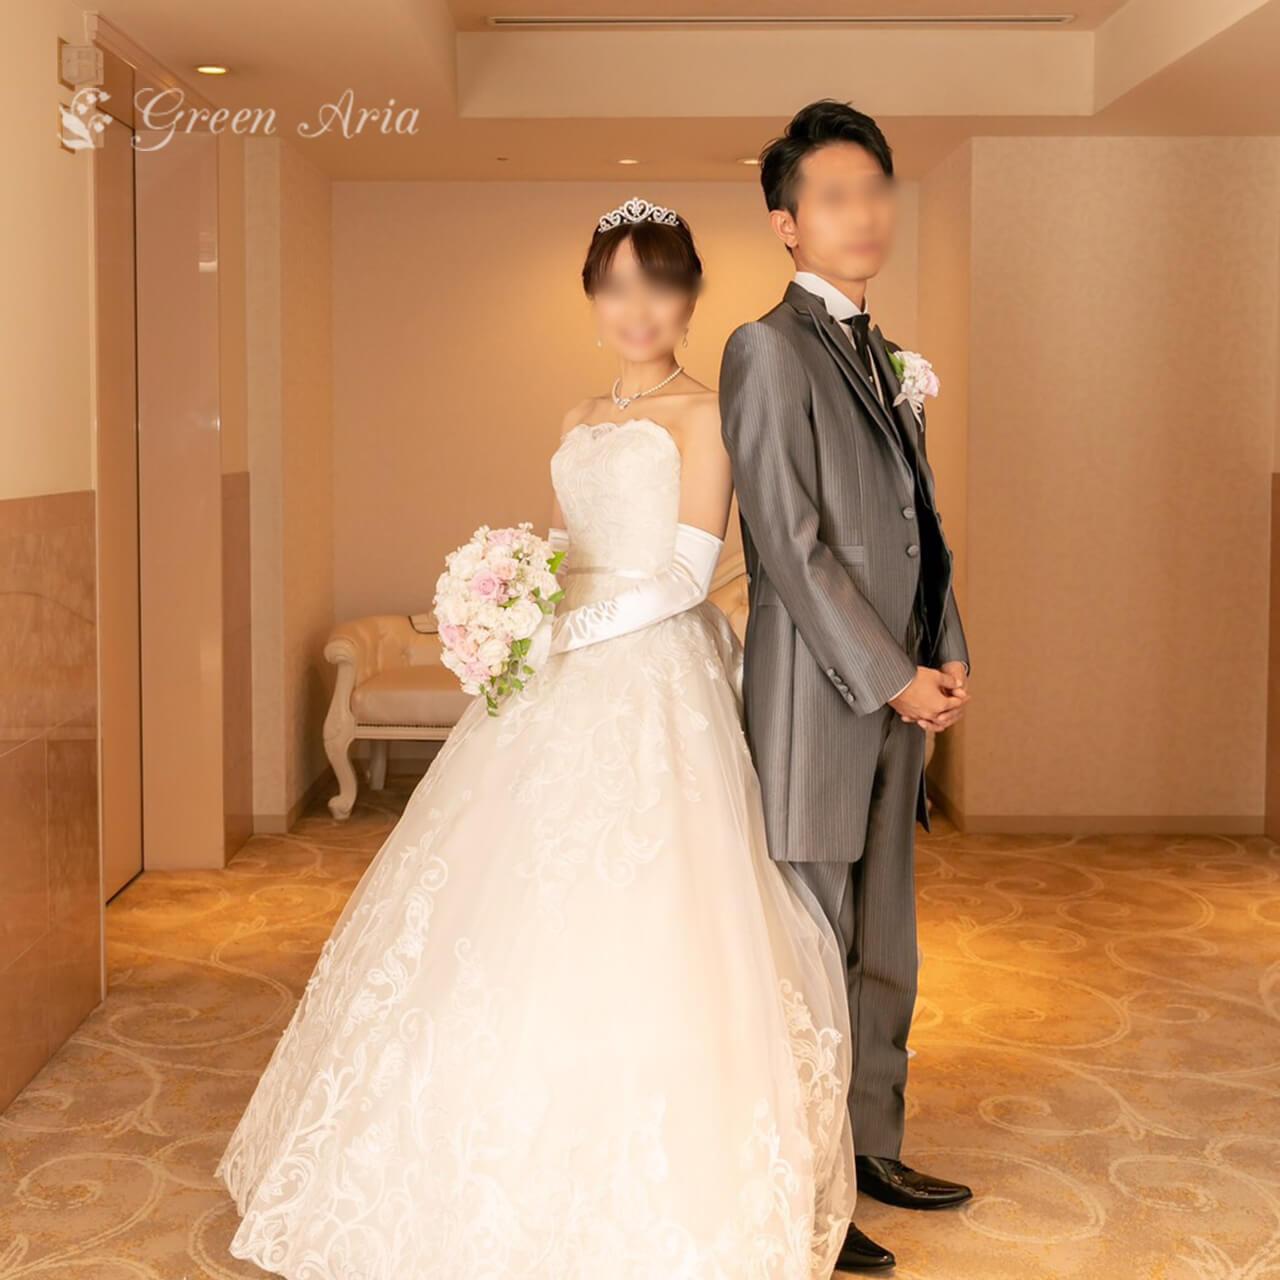 ソファーのある結婚式場で背を合わせてたつ新郎新婦。グレーのタキシードと白のAラインドレス。新婦の手には、しずく型の白とピンクのブーケ。